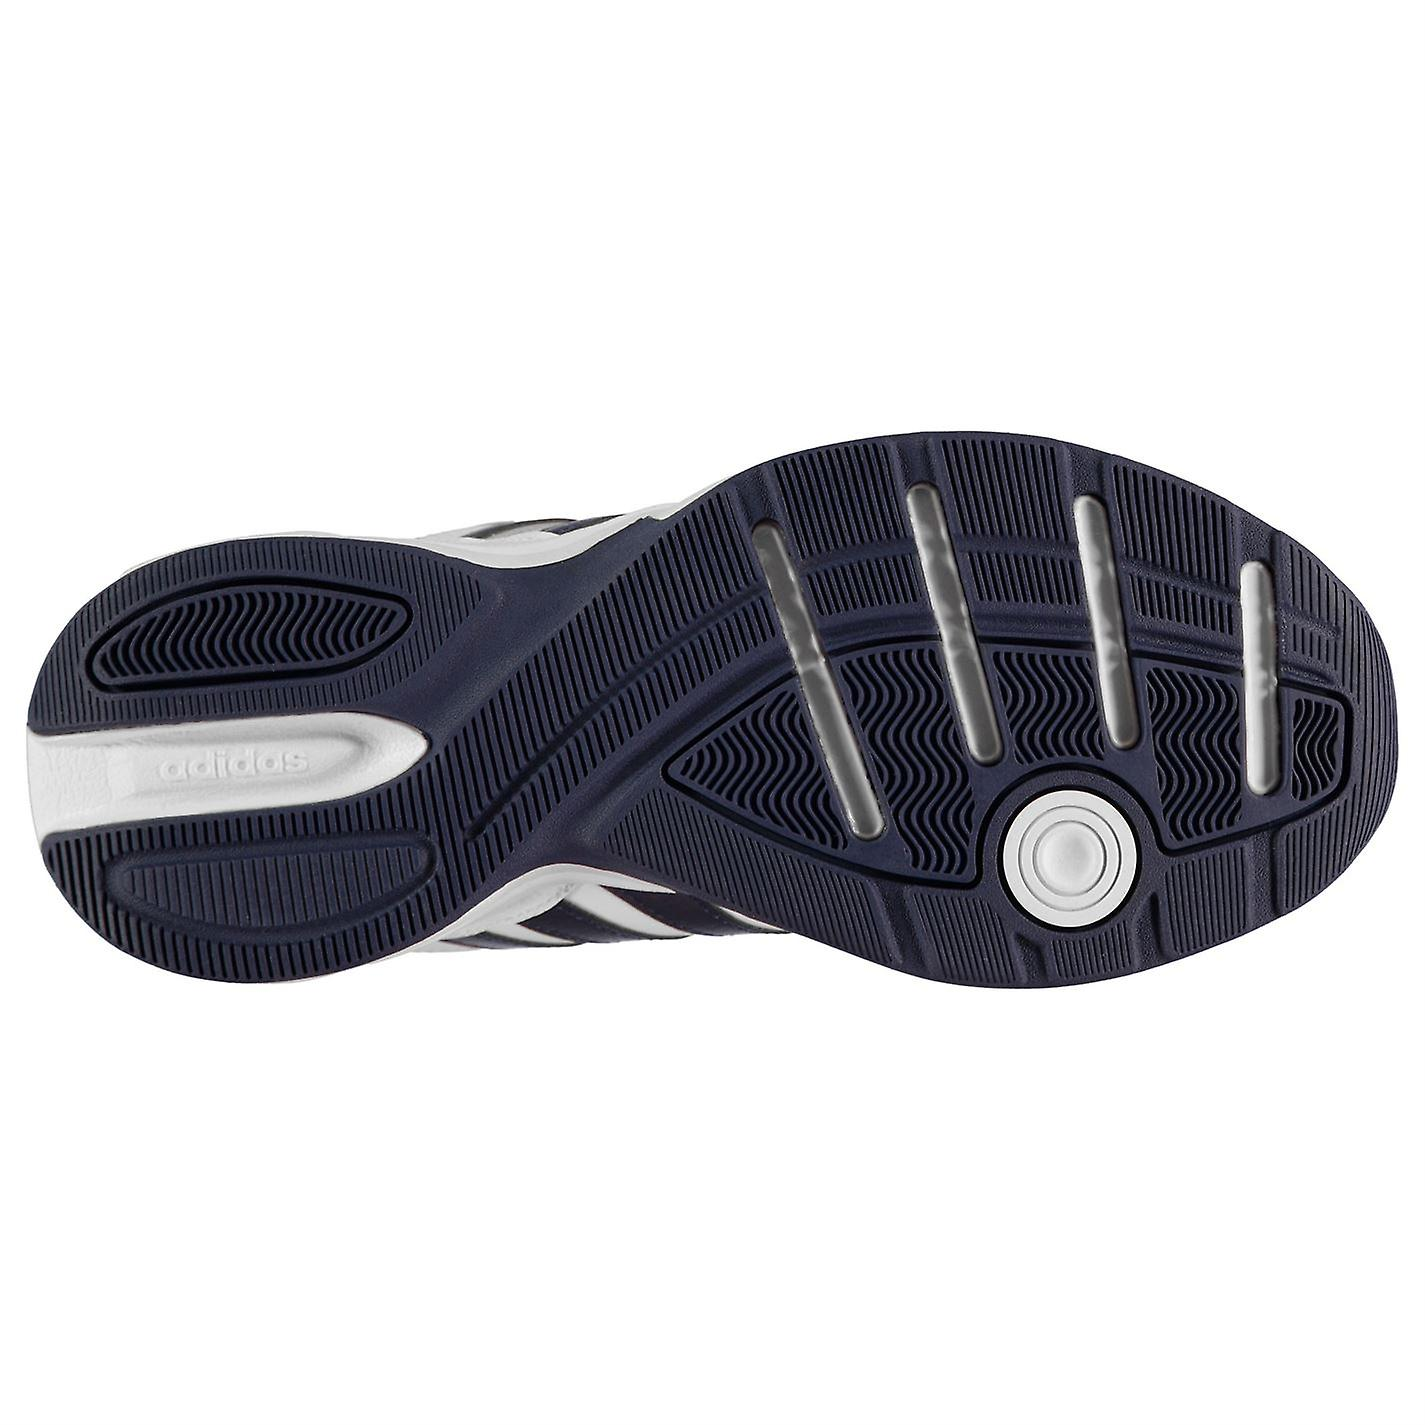 Nova Chegada Original Adidas Tênis de Basquete Sapatilhas